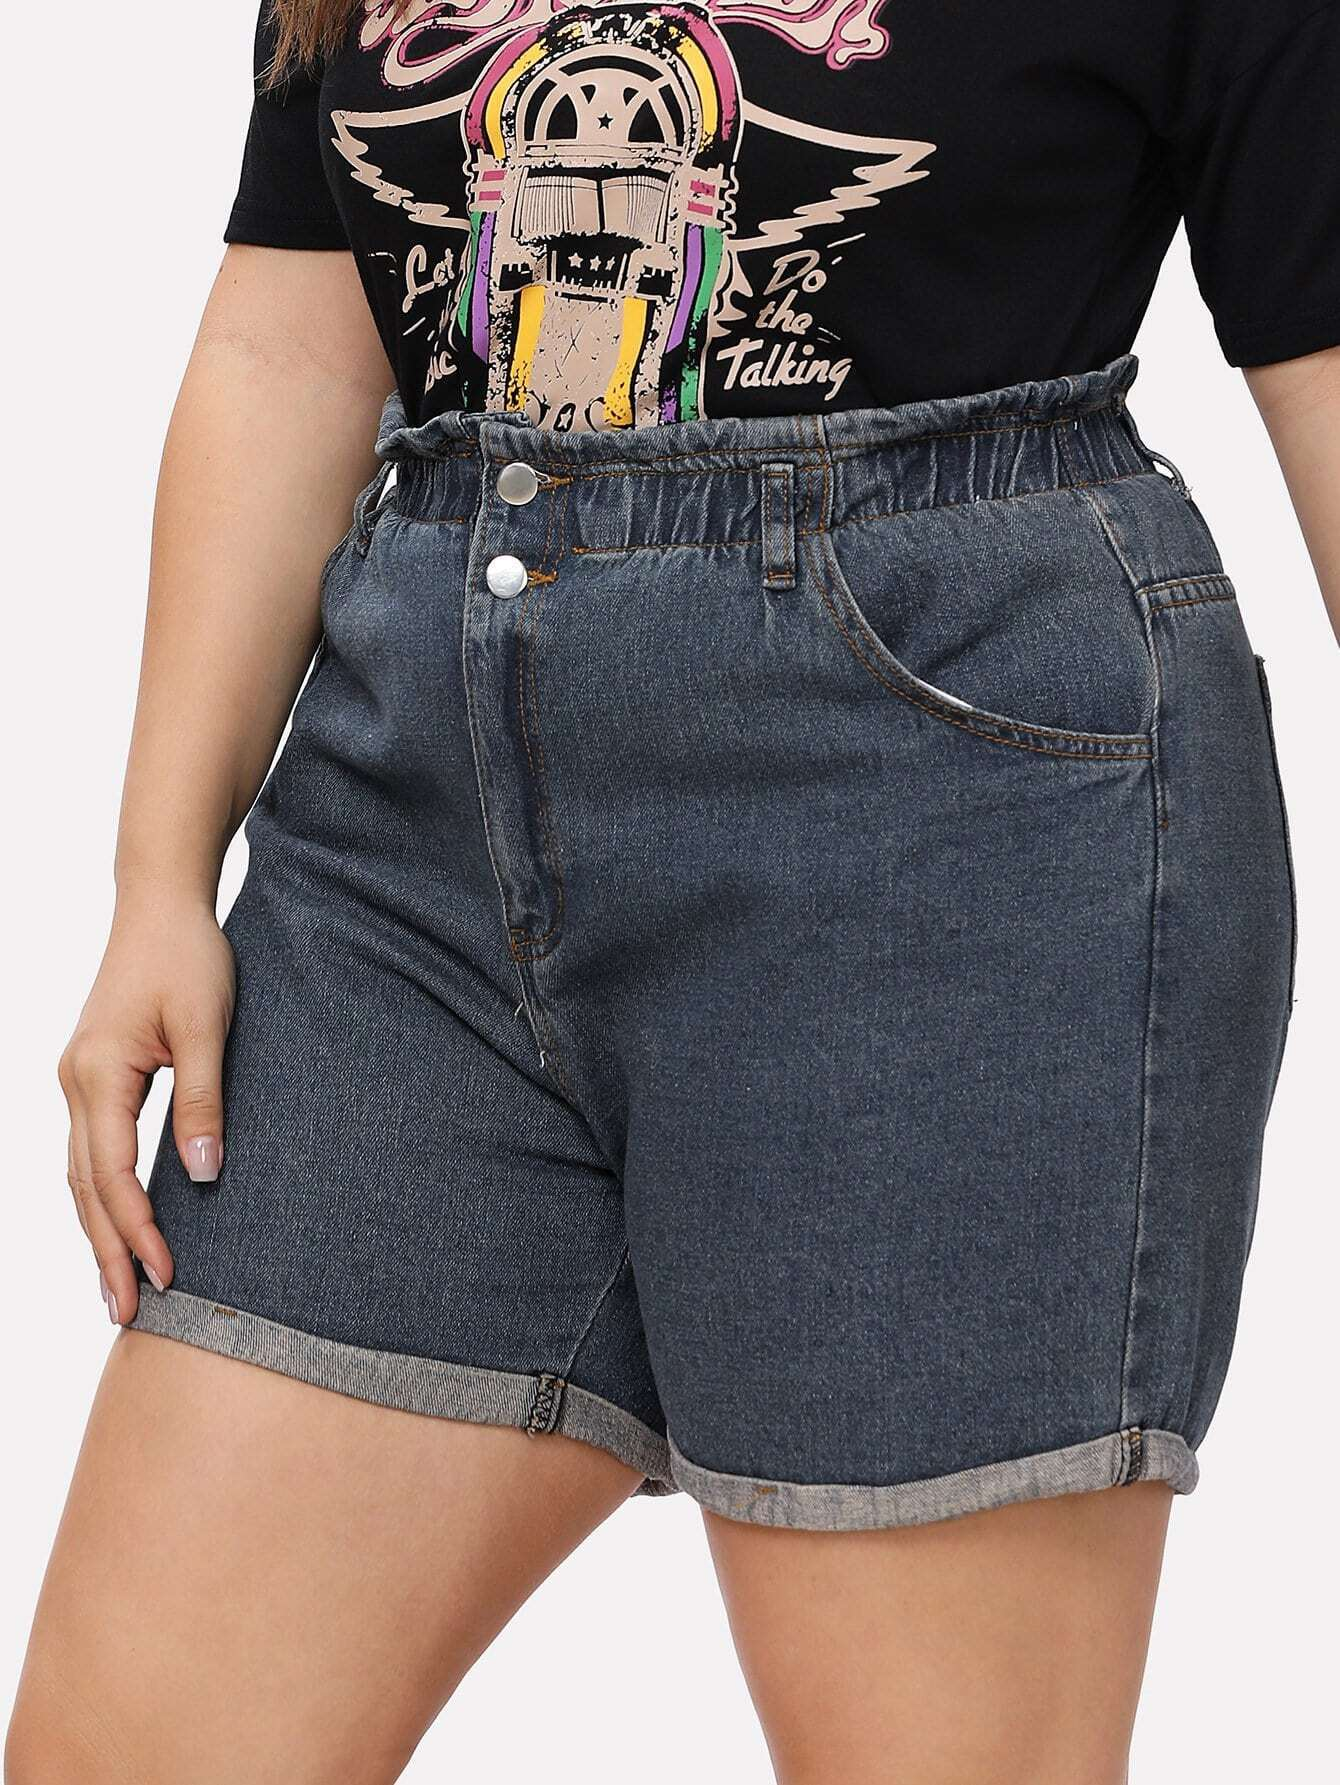 Roll Up Elastic Waist Denim Shorts elastic waist button denim dress